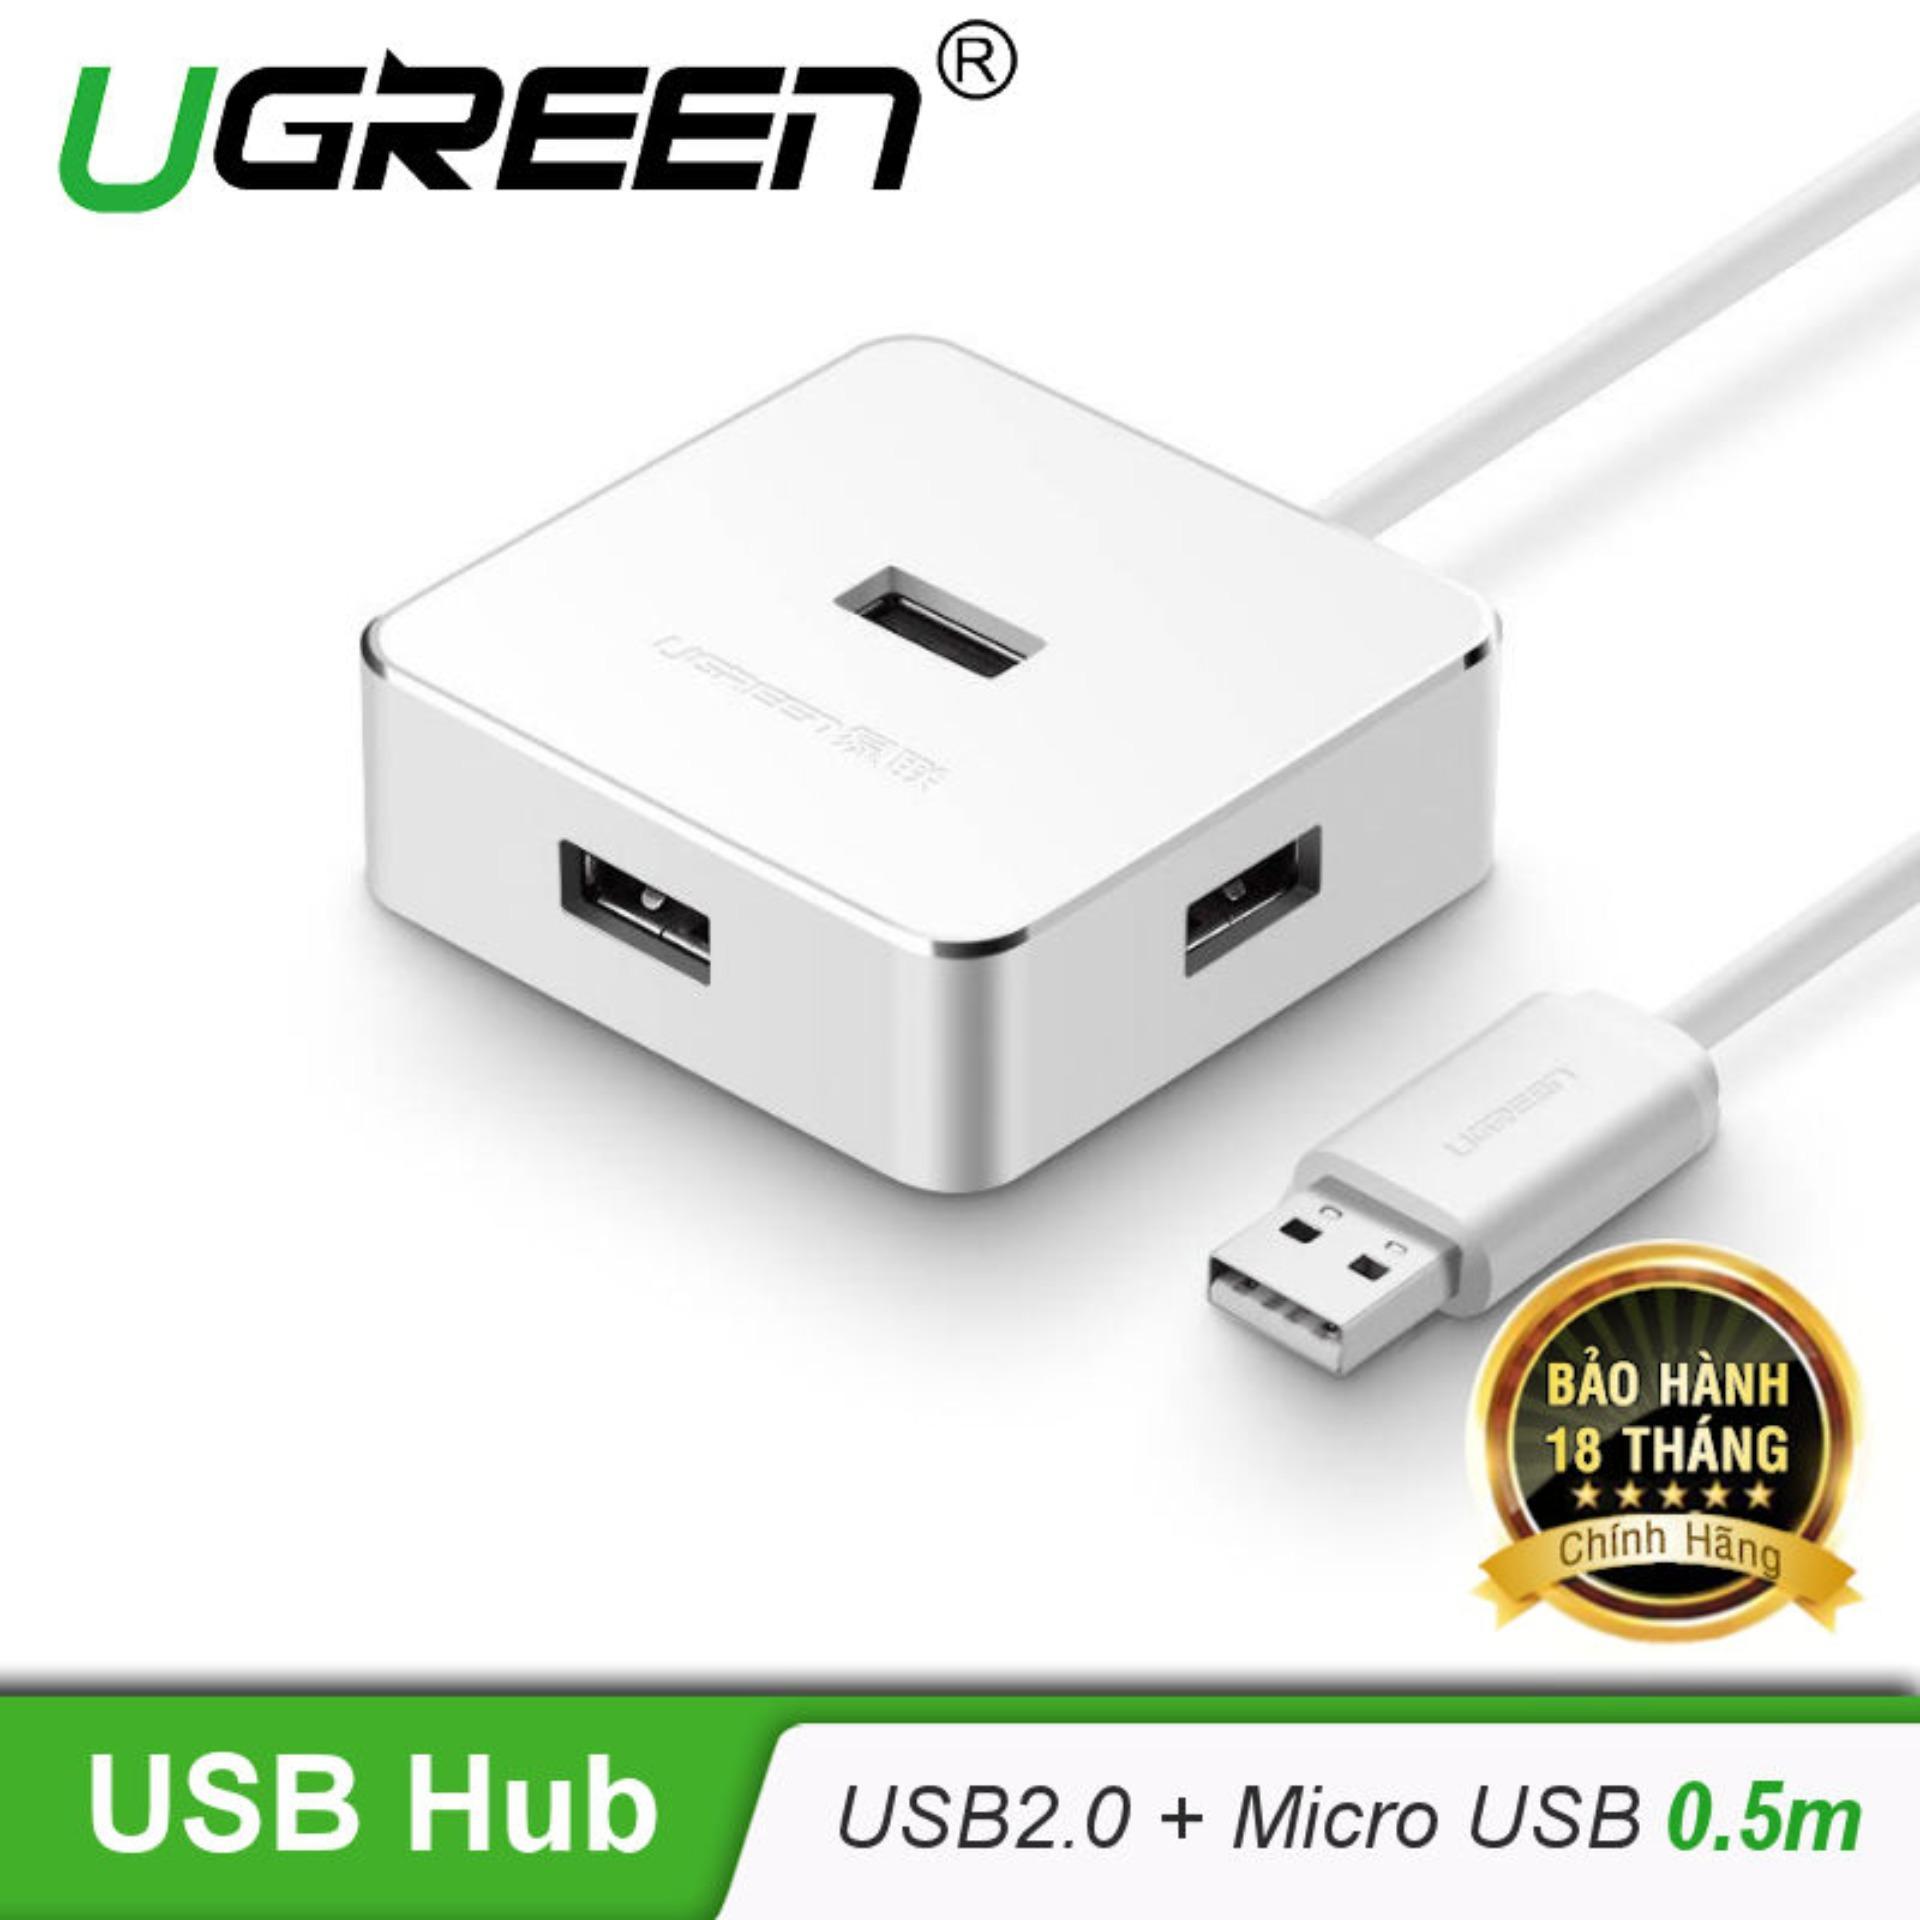 Giá Bán Hub Usb2 4 Cổng Co Hỗ Trợ Cổng Micro Usb Cung Cấp Nguồn Dai 5M Ugreen Cr135 30426 Trắng Mới Rẻ